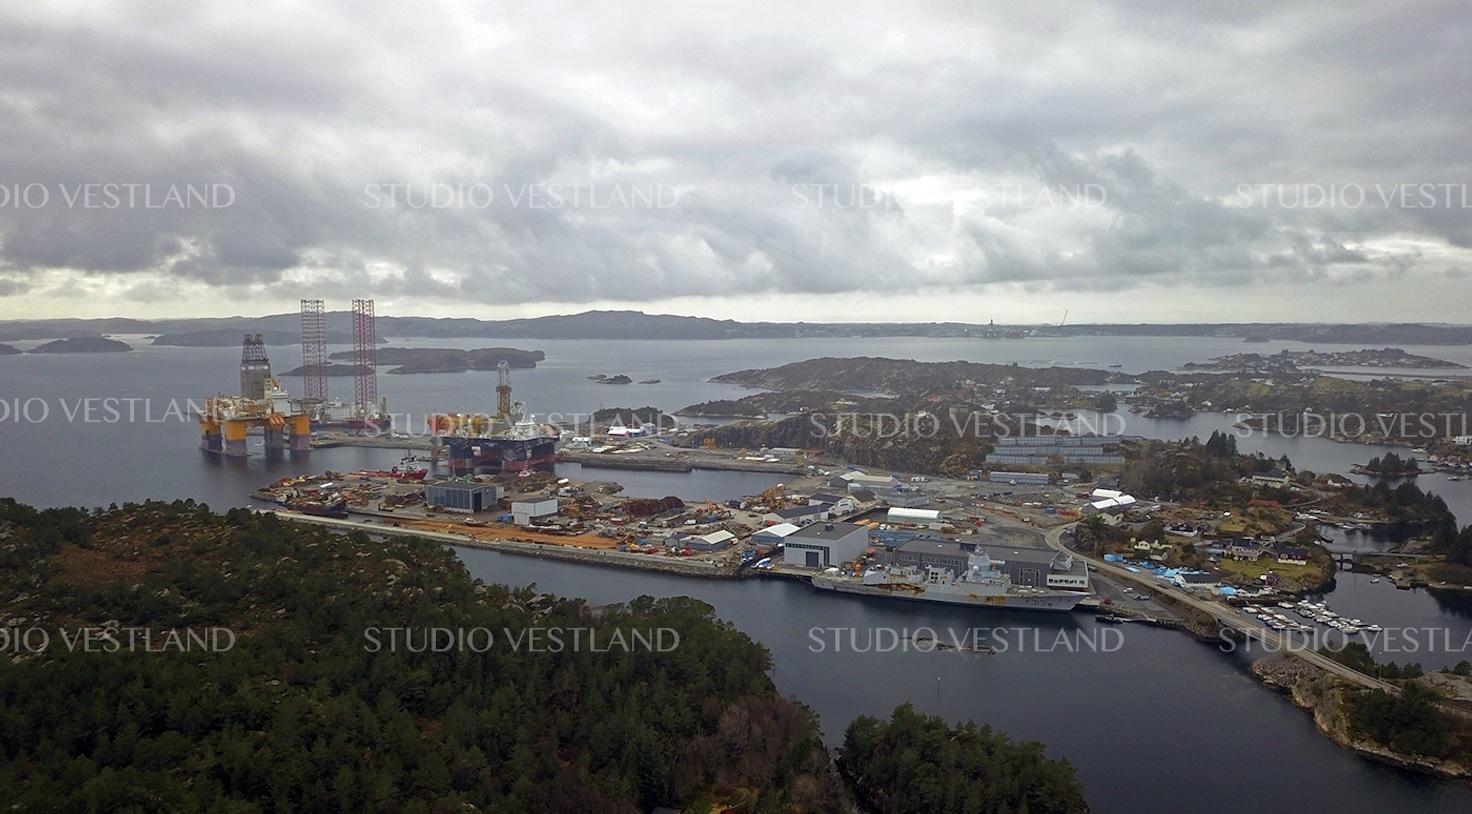 Studio Vestland - Hanøytangen 06